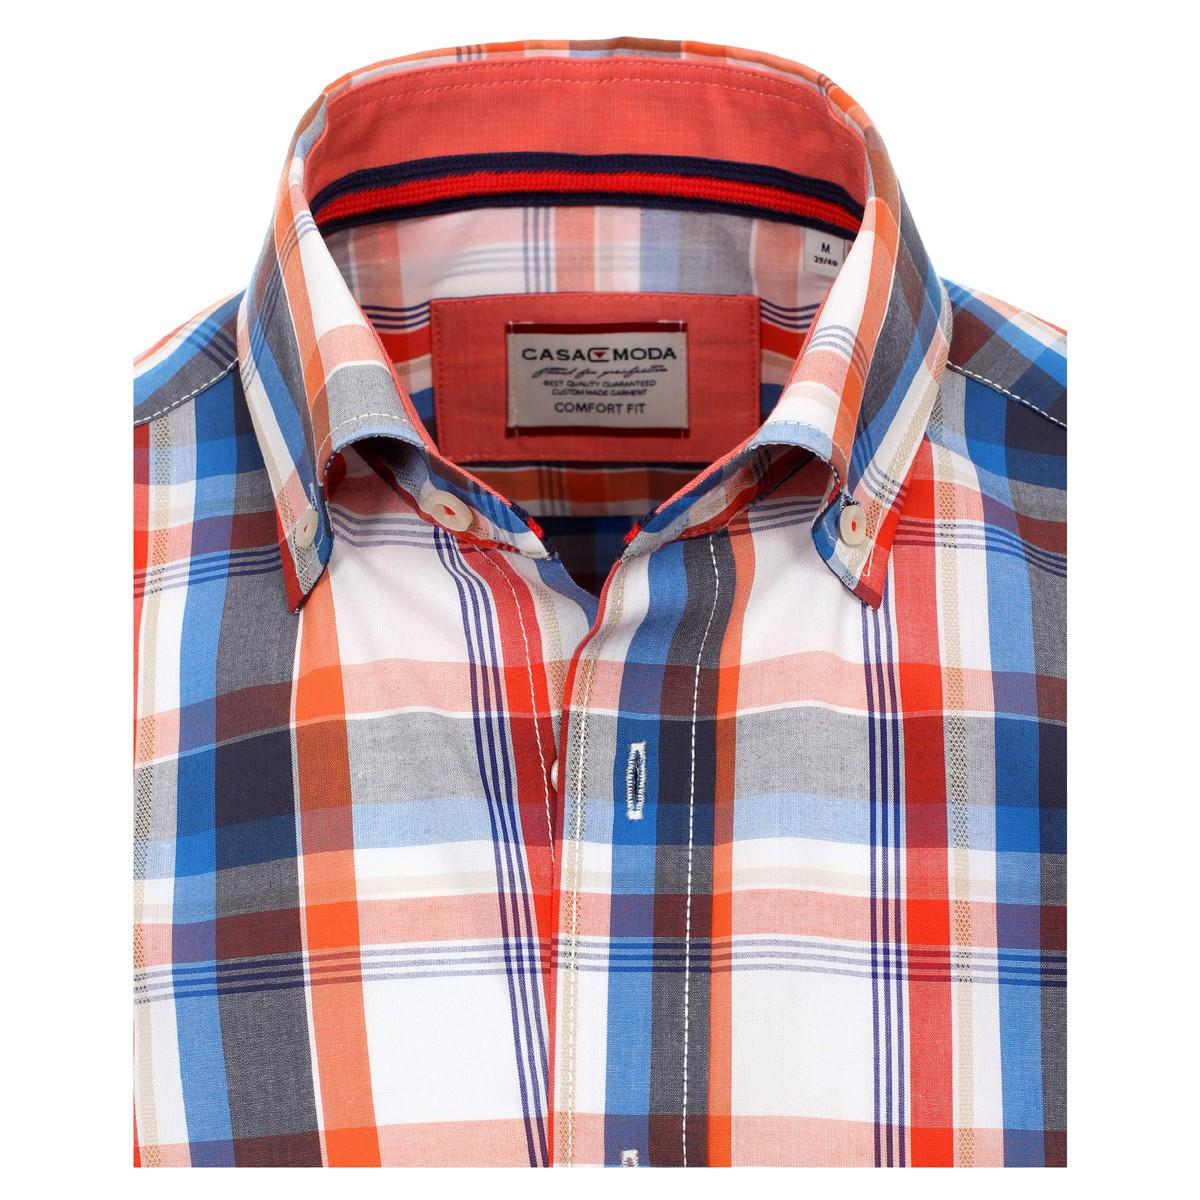 low priced b041e ed740 Rot-orange-blau-weiß kariertes kurzarm Hemd Casa Moda Button Down Kragen